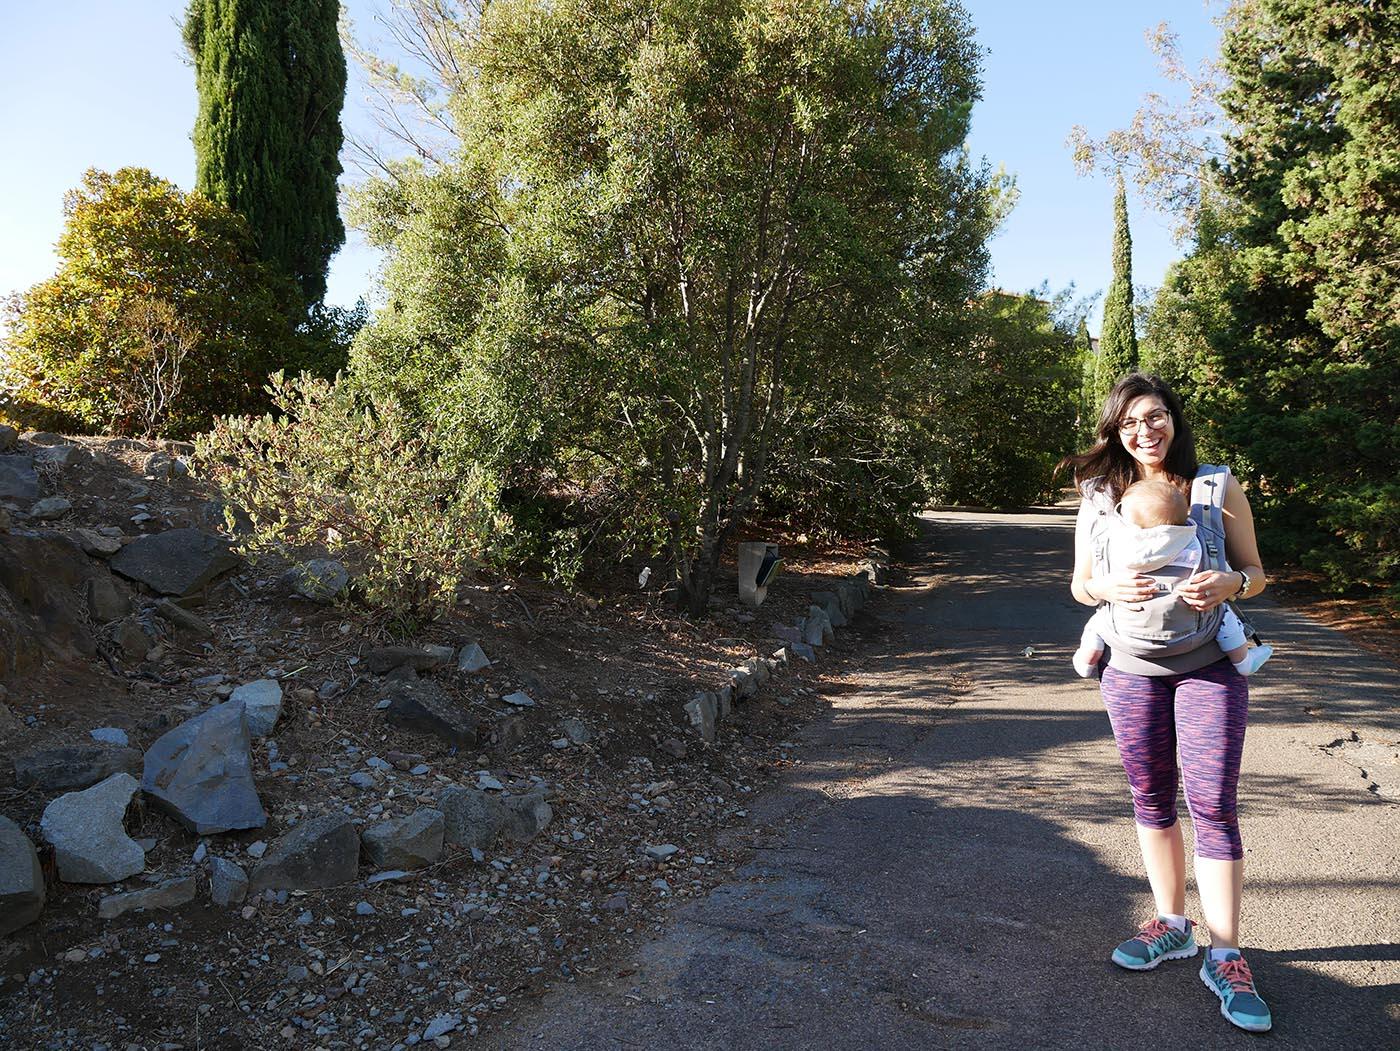 comment porter bébé en vacances sans emporter sa poussette ?